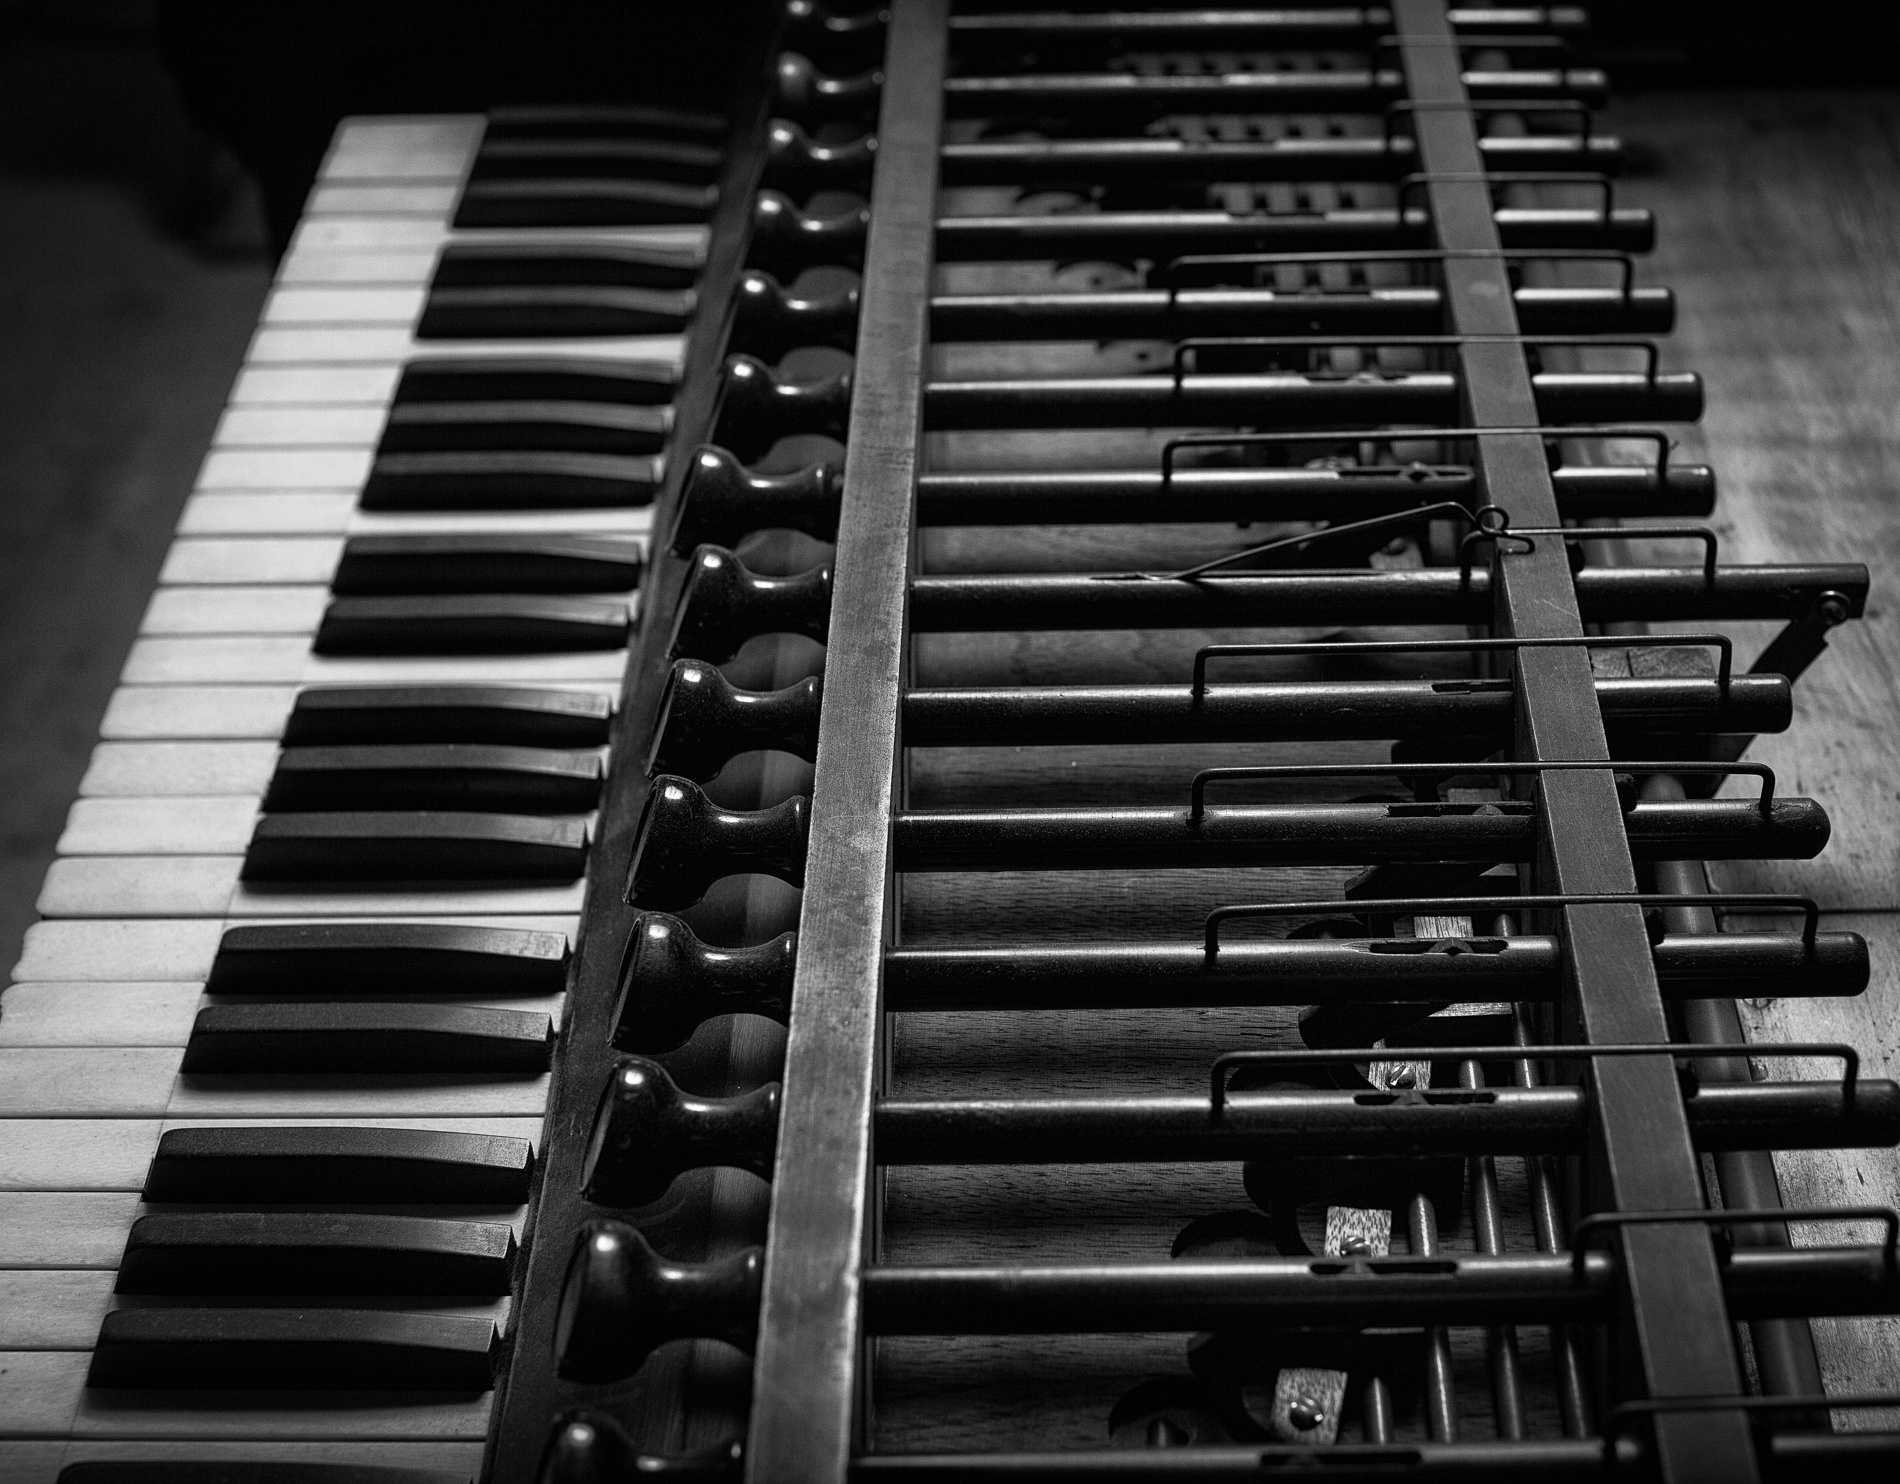 more keys.jpg